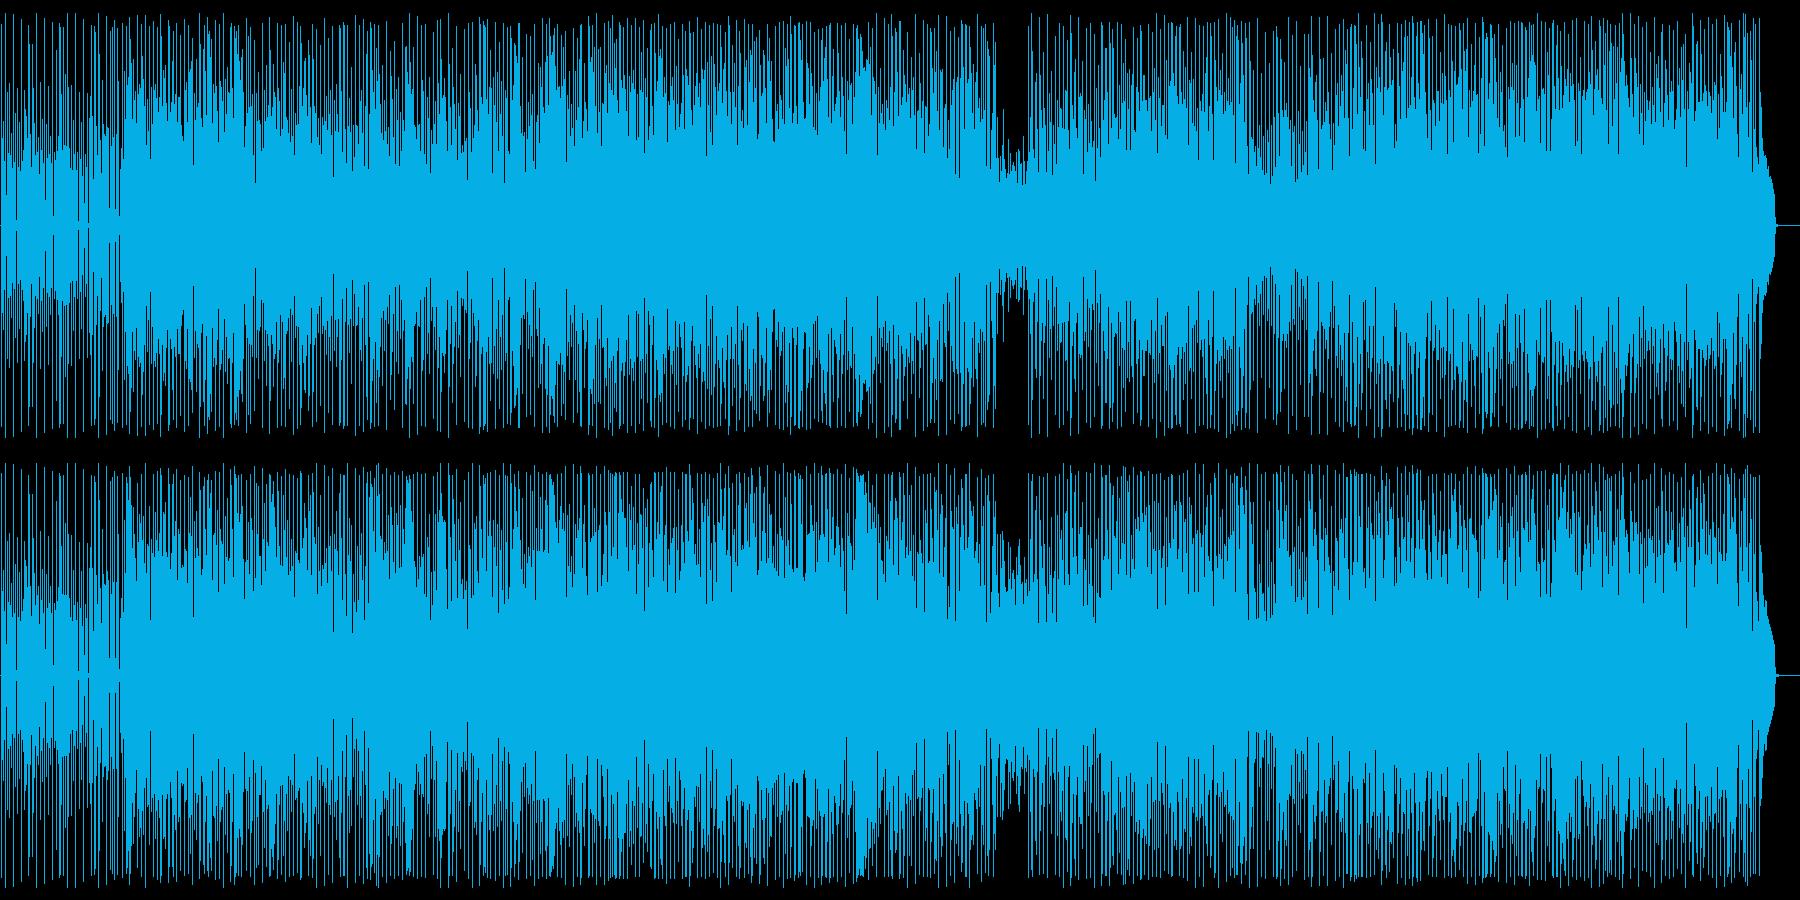 スネアの効いたシンセサイザーの曲の再生済みの波形